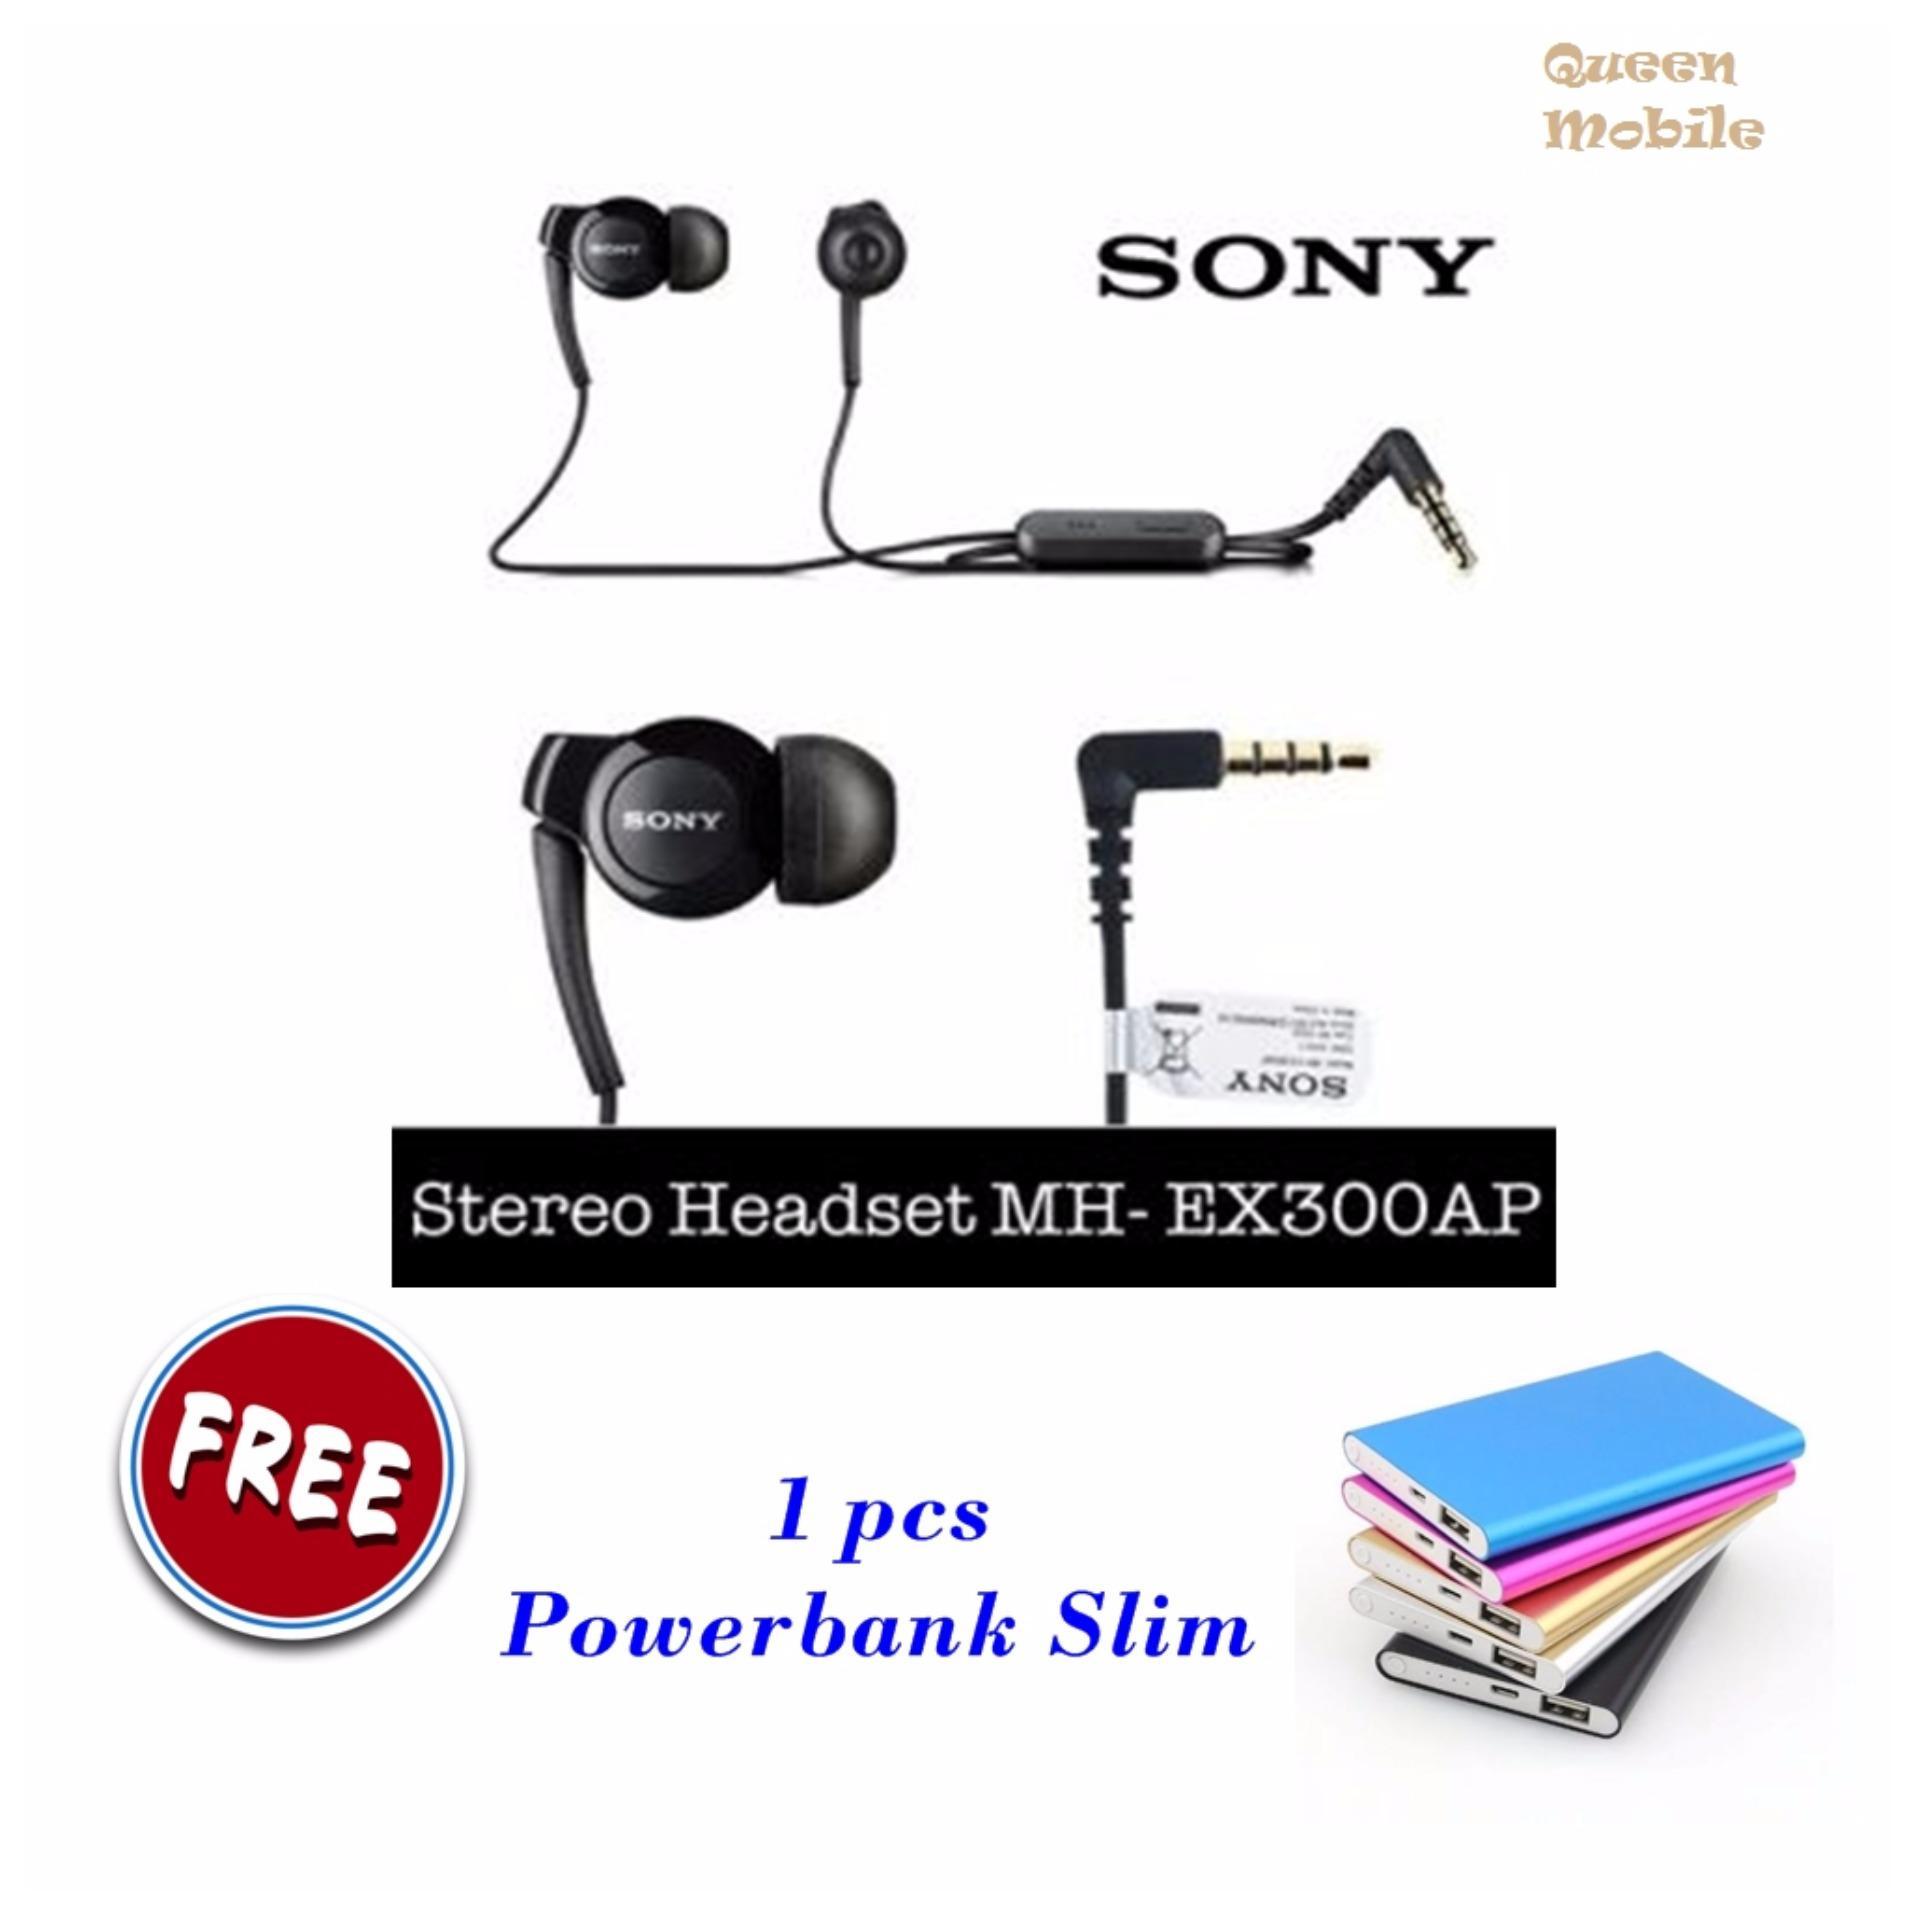 Cek Harga Baru Stereo Headset Sony Mh750 Putih Terkini Situs Mdr 700ap Powerbank Slim